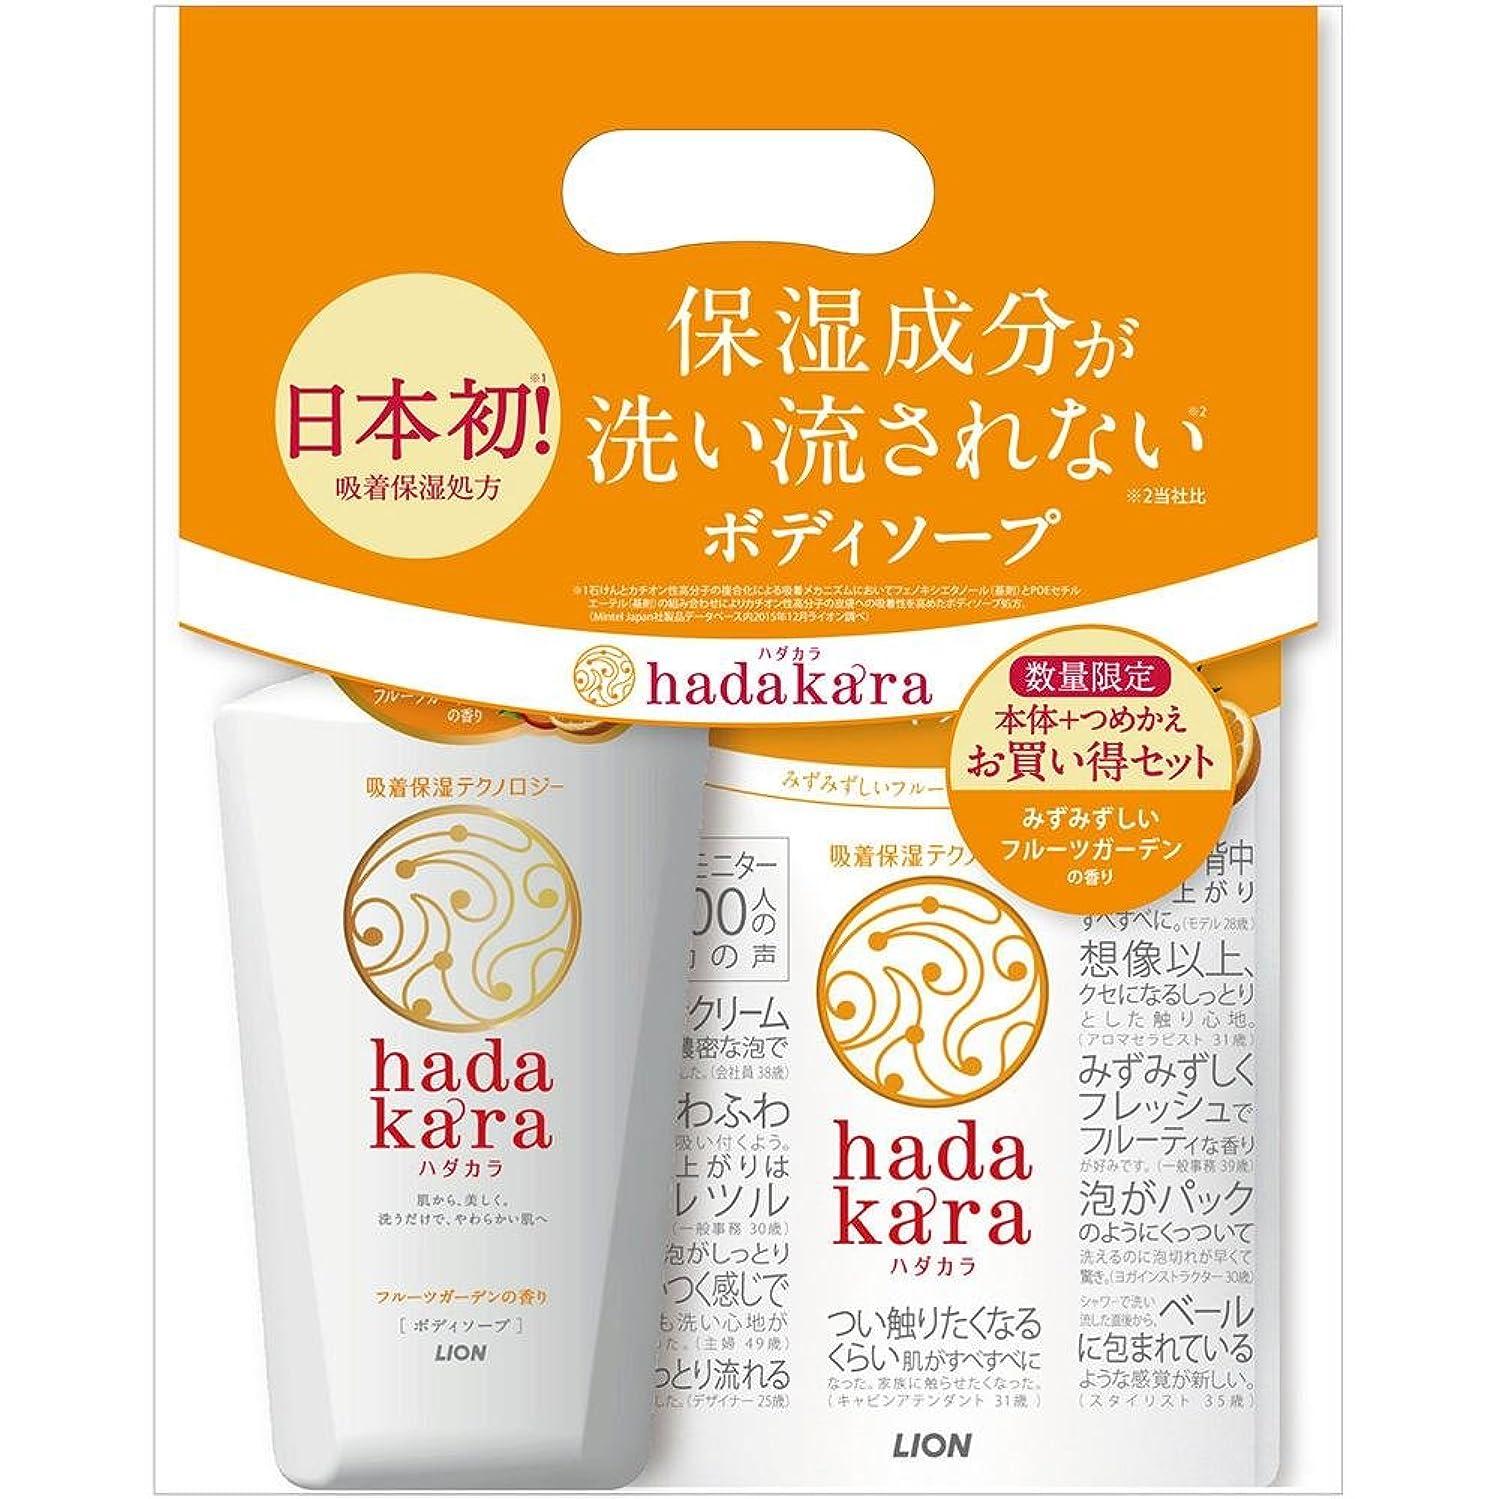 プライバシー休憩学ぶhadakara(ハダカラ)ボディソープ 本体 + つめかえ フルーツガーデンの香り(本体 500ml + つめかえ 360ml)